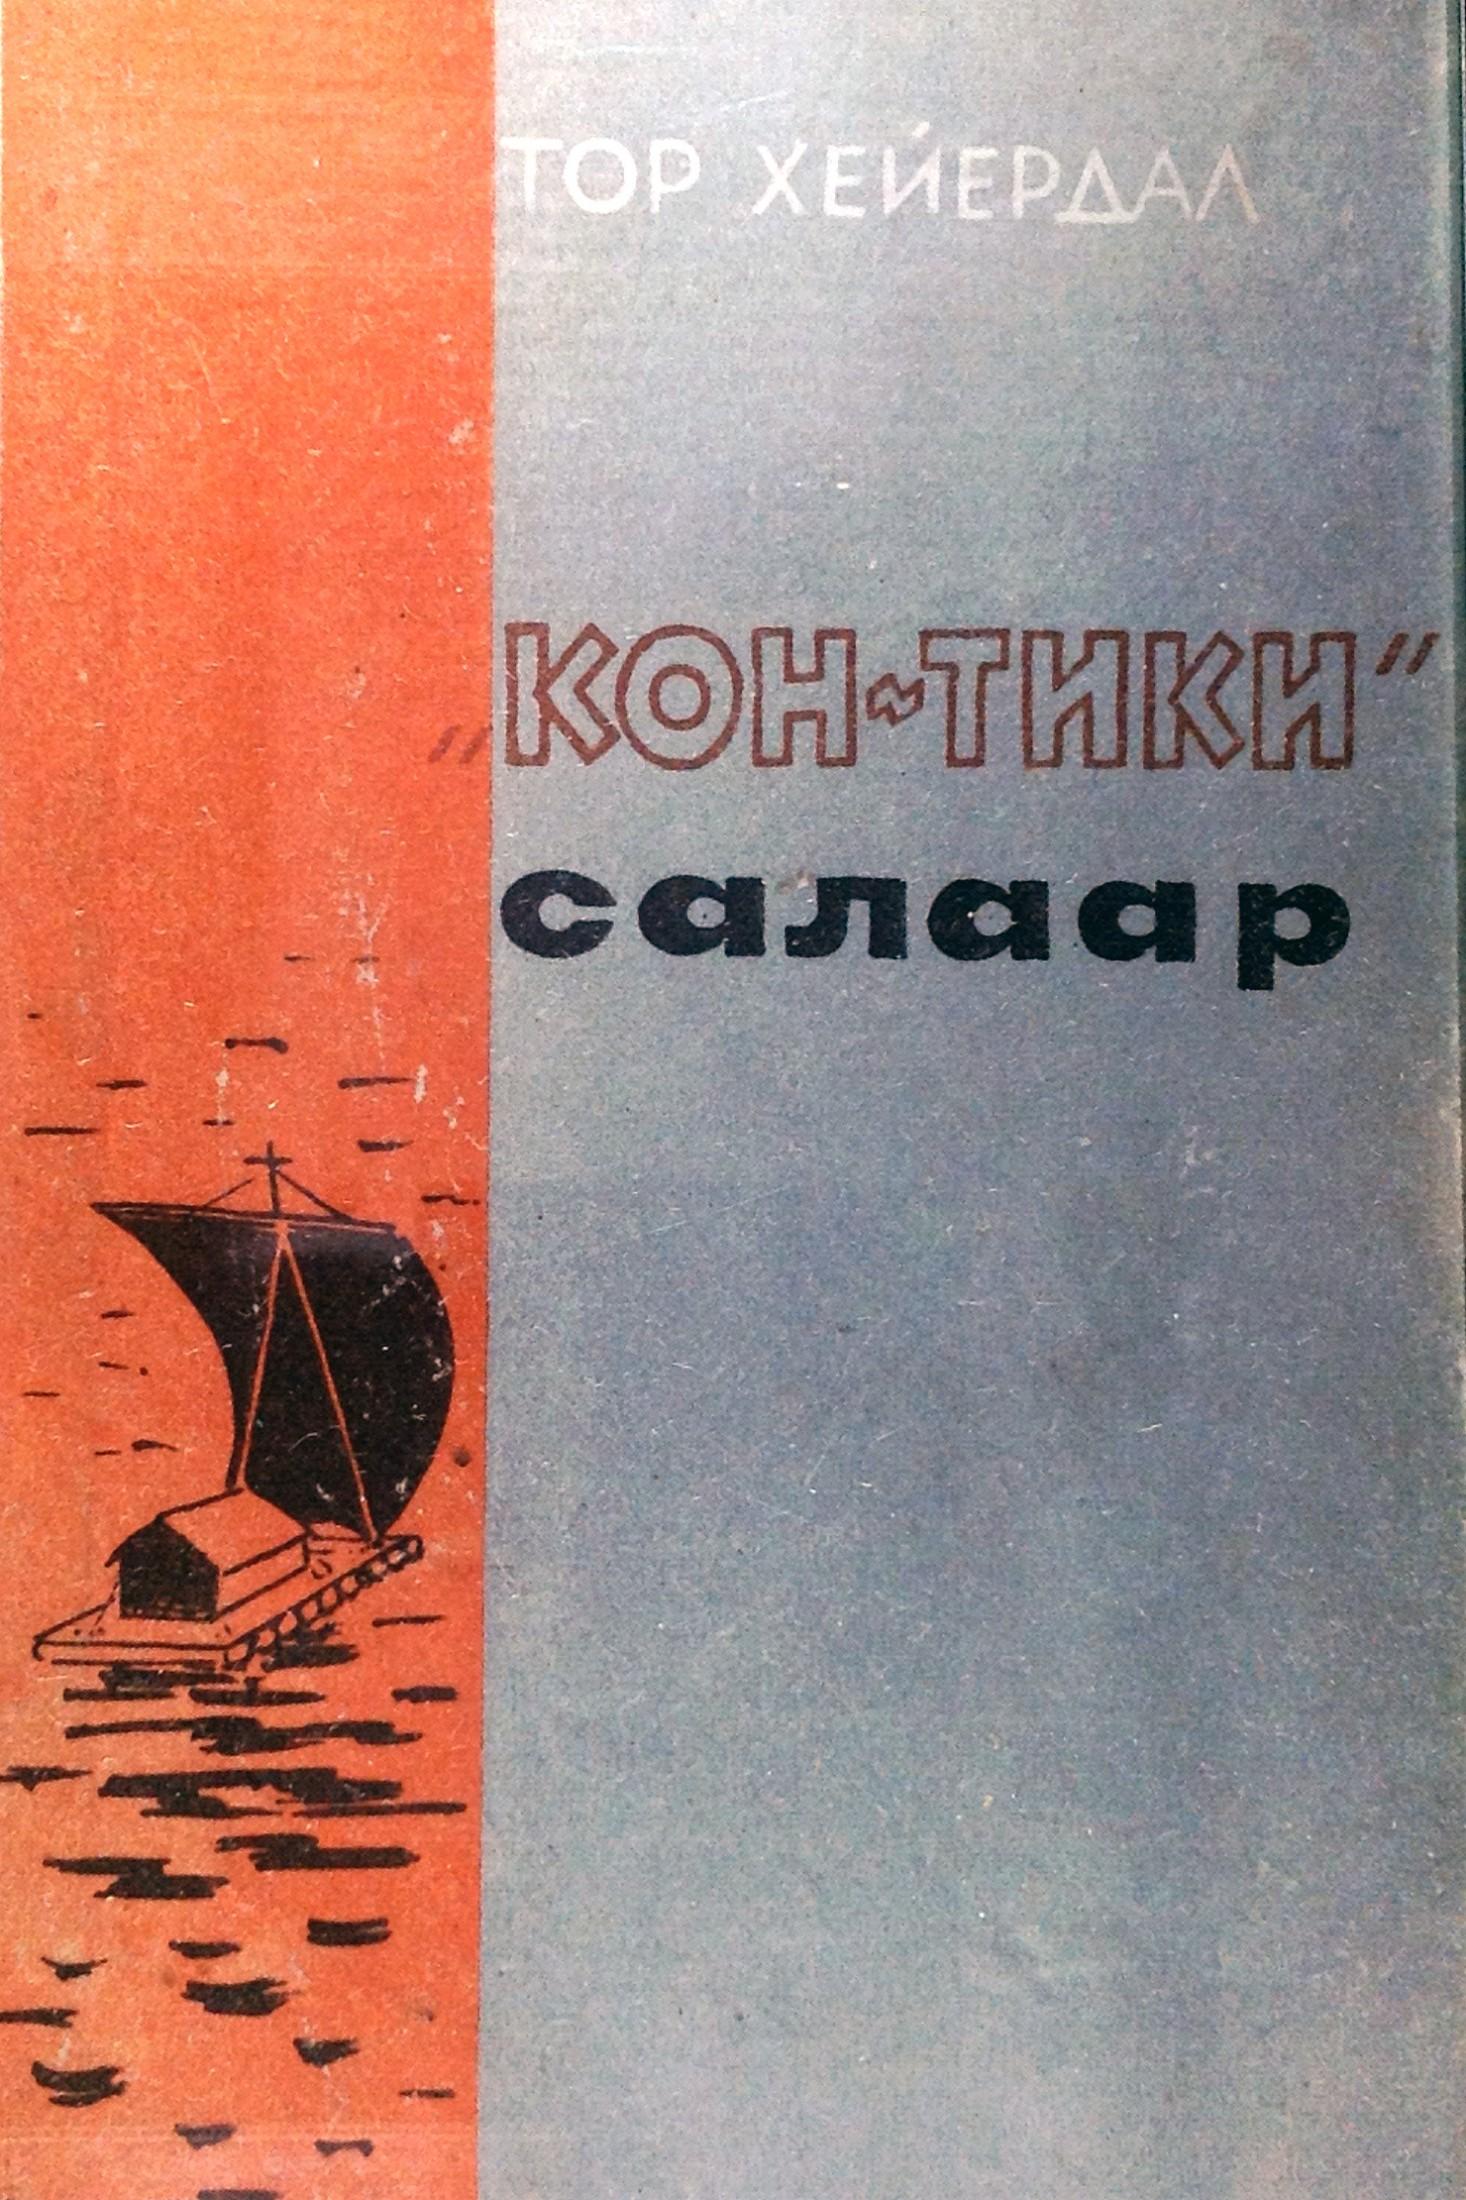 «КОН-ТИКИ» САЛААР